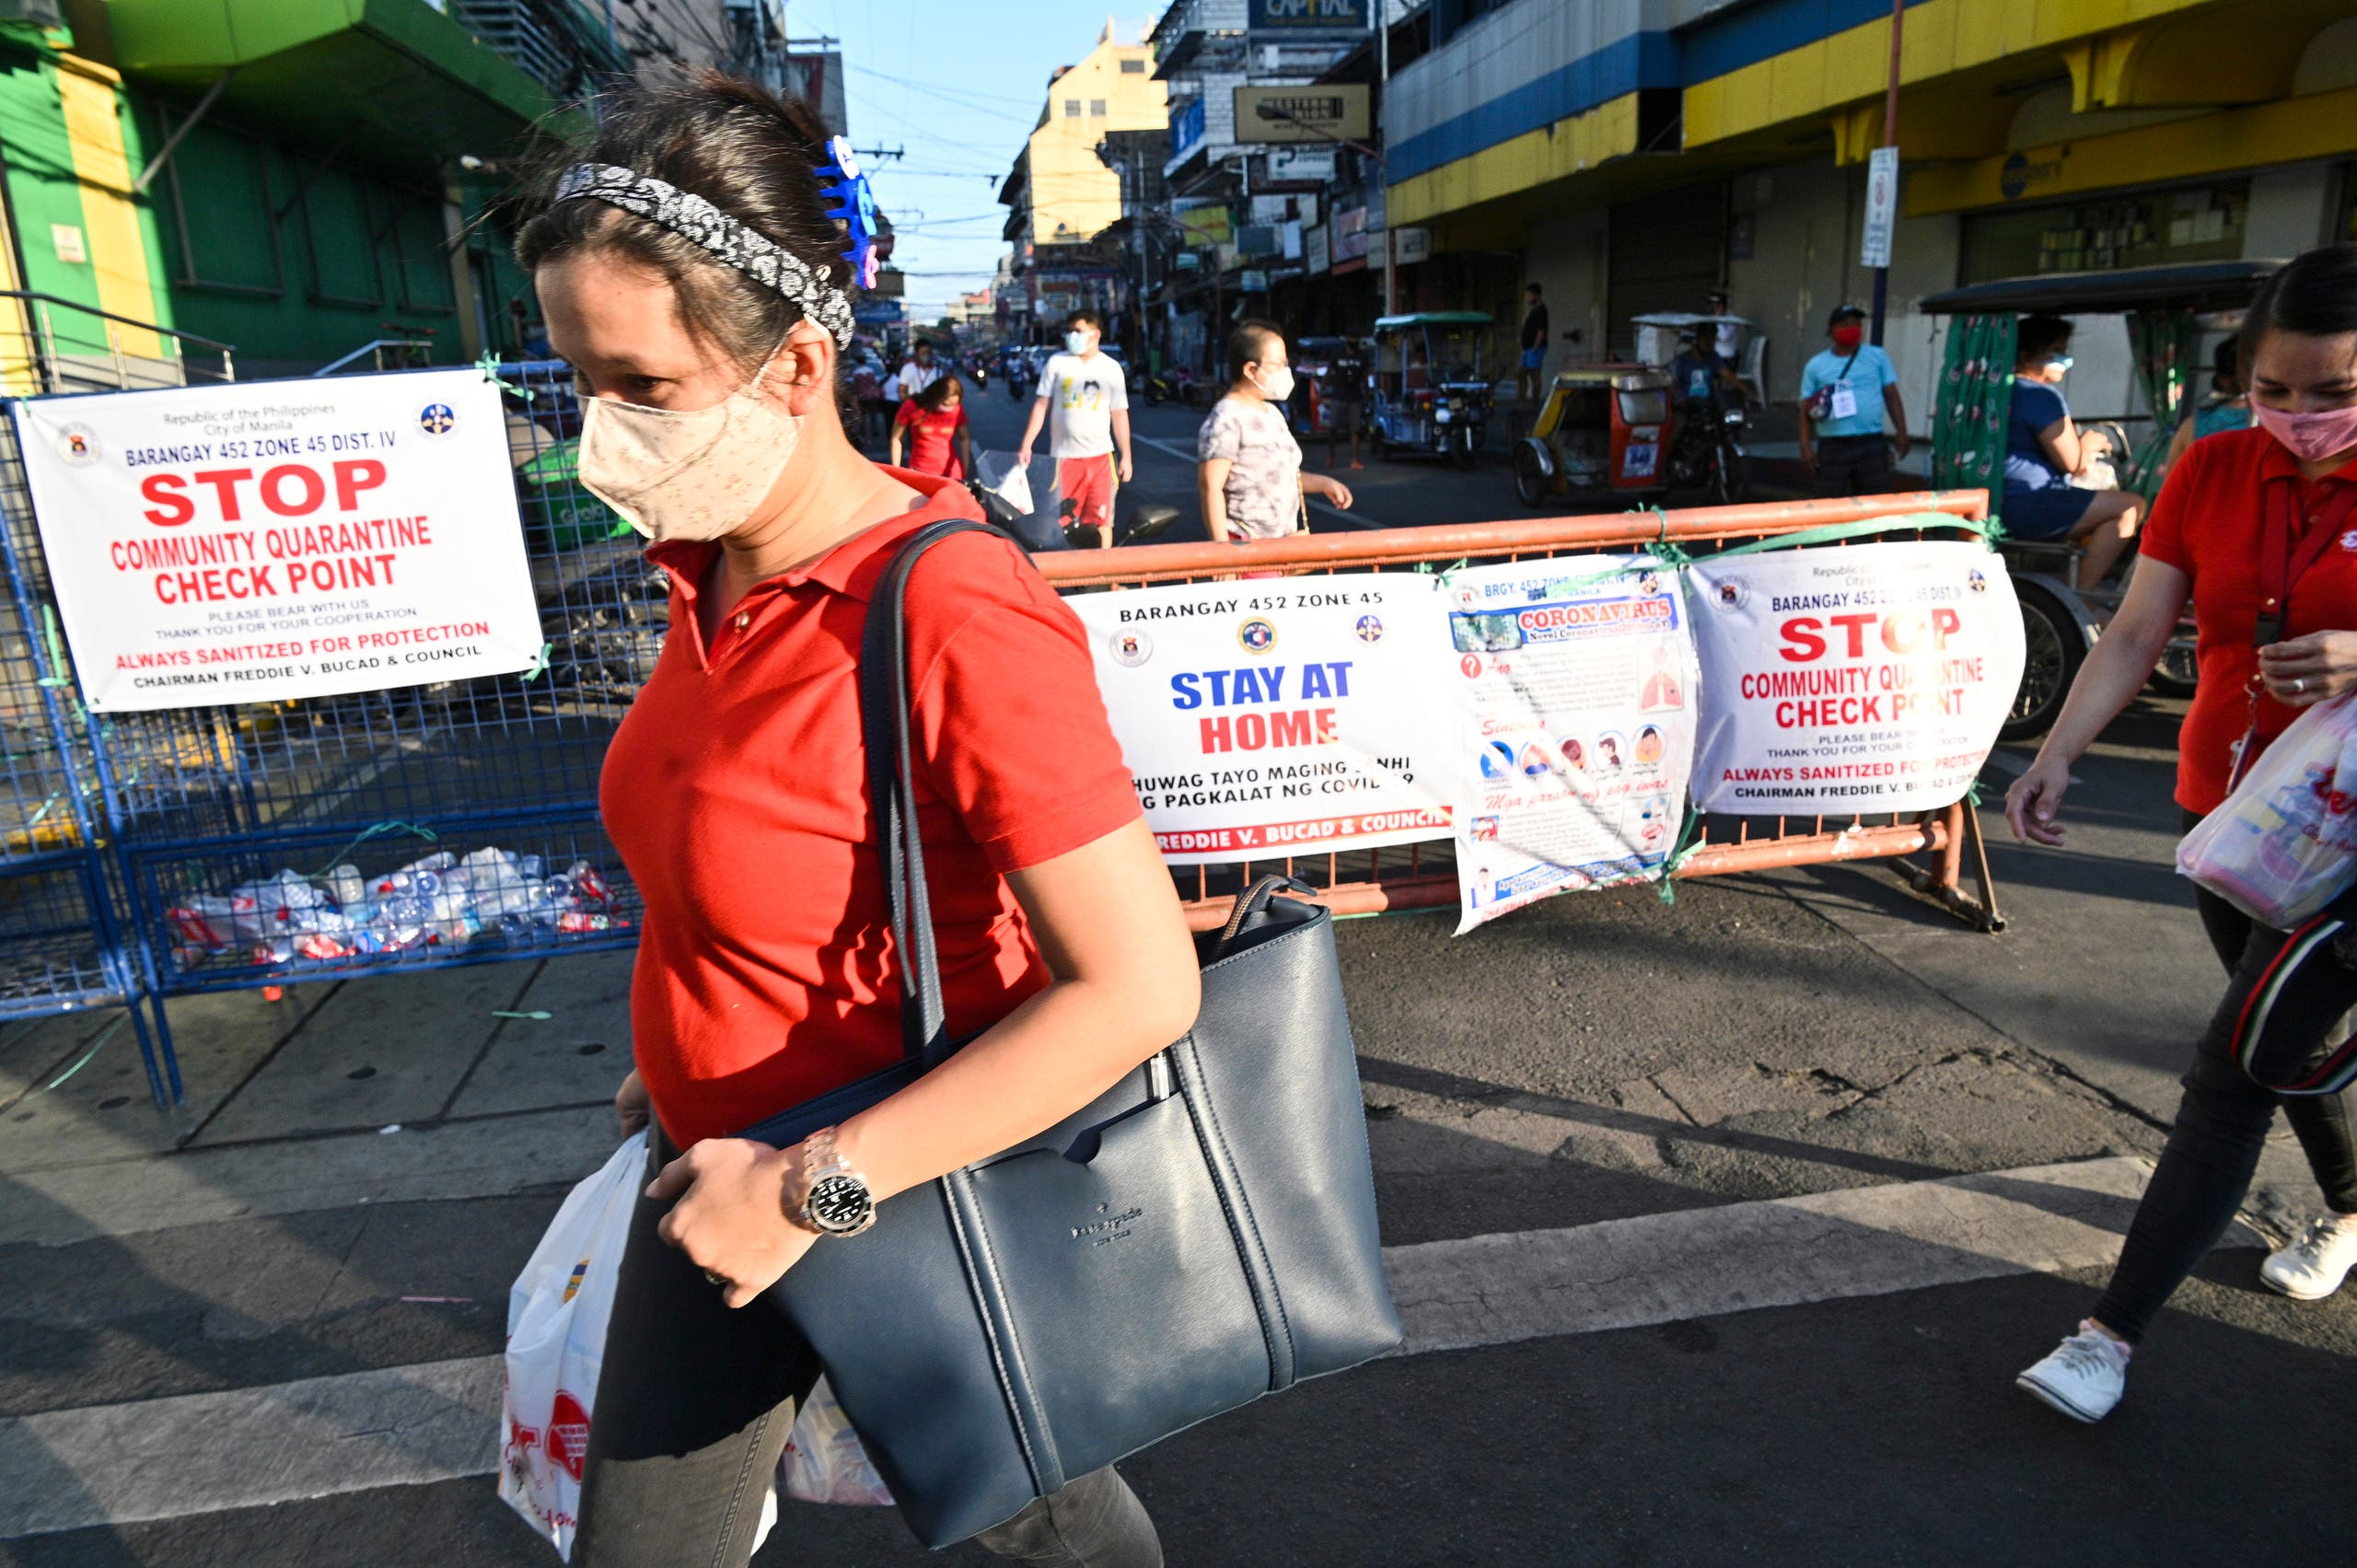 من مانيلا يوم 25 مارس